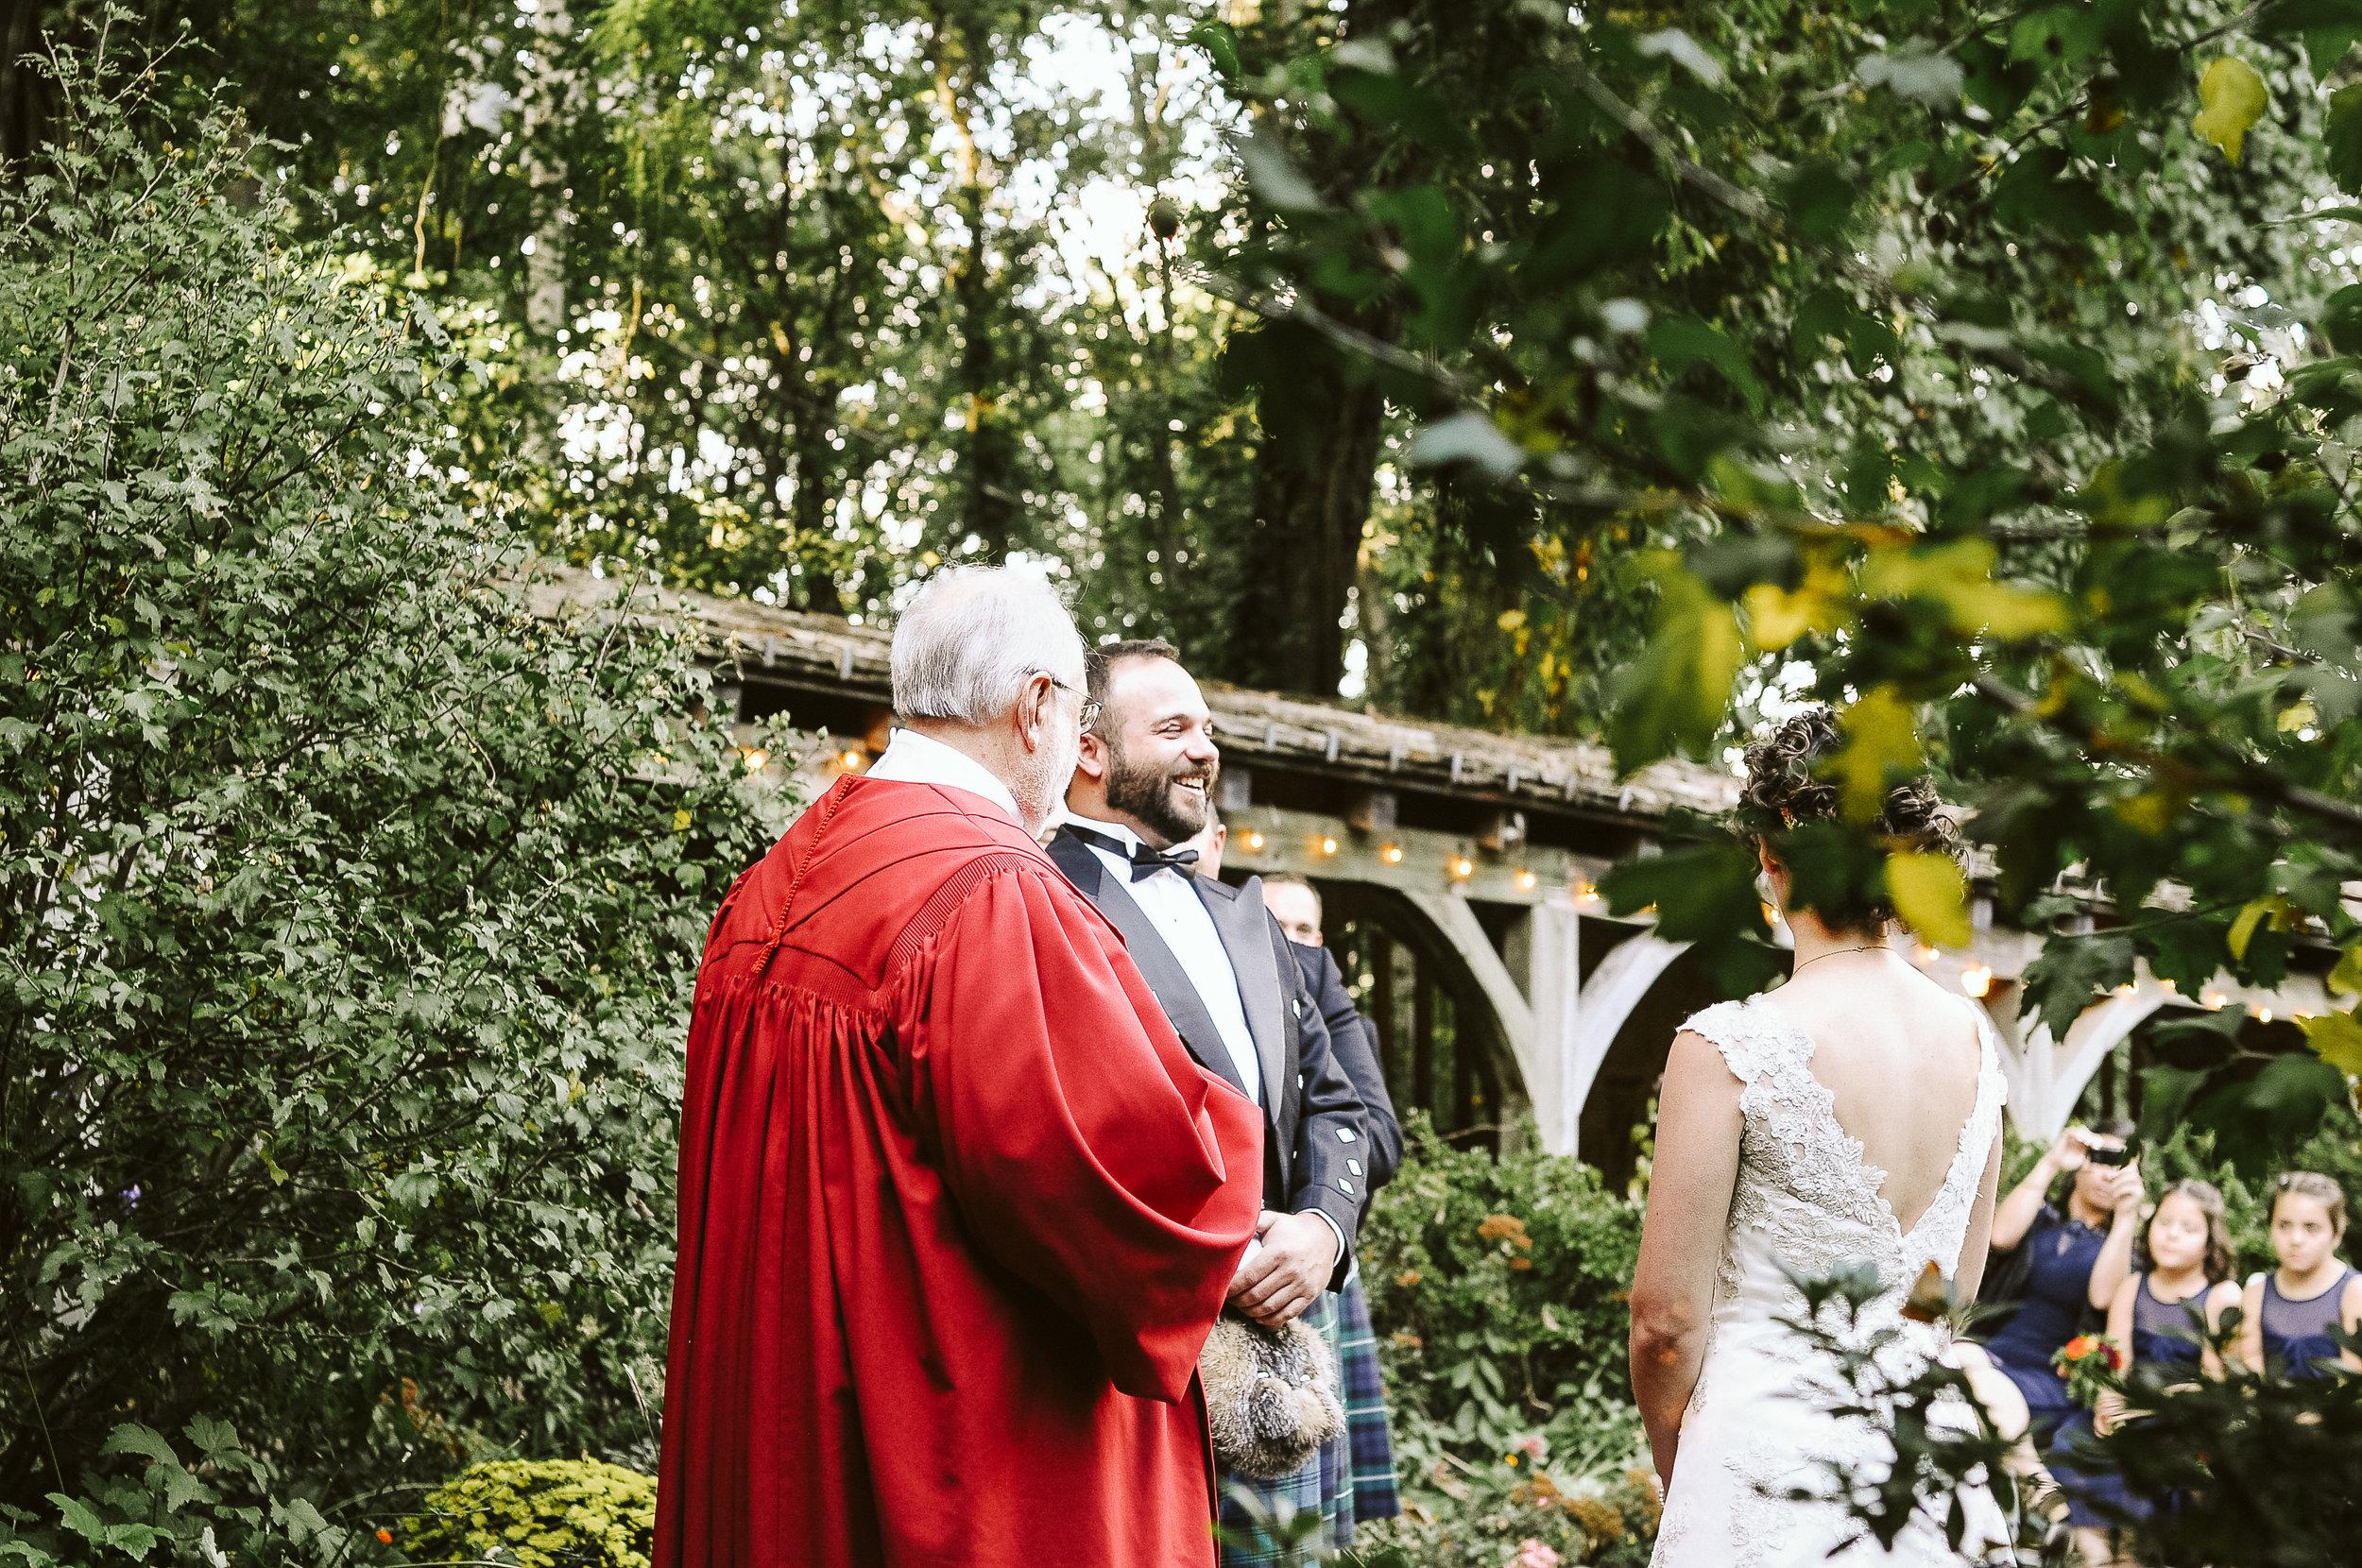 adrienne and greg's wedding 2018 edits-45.jpg